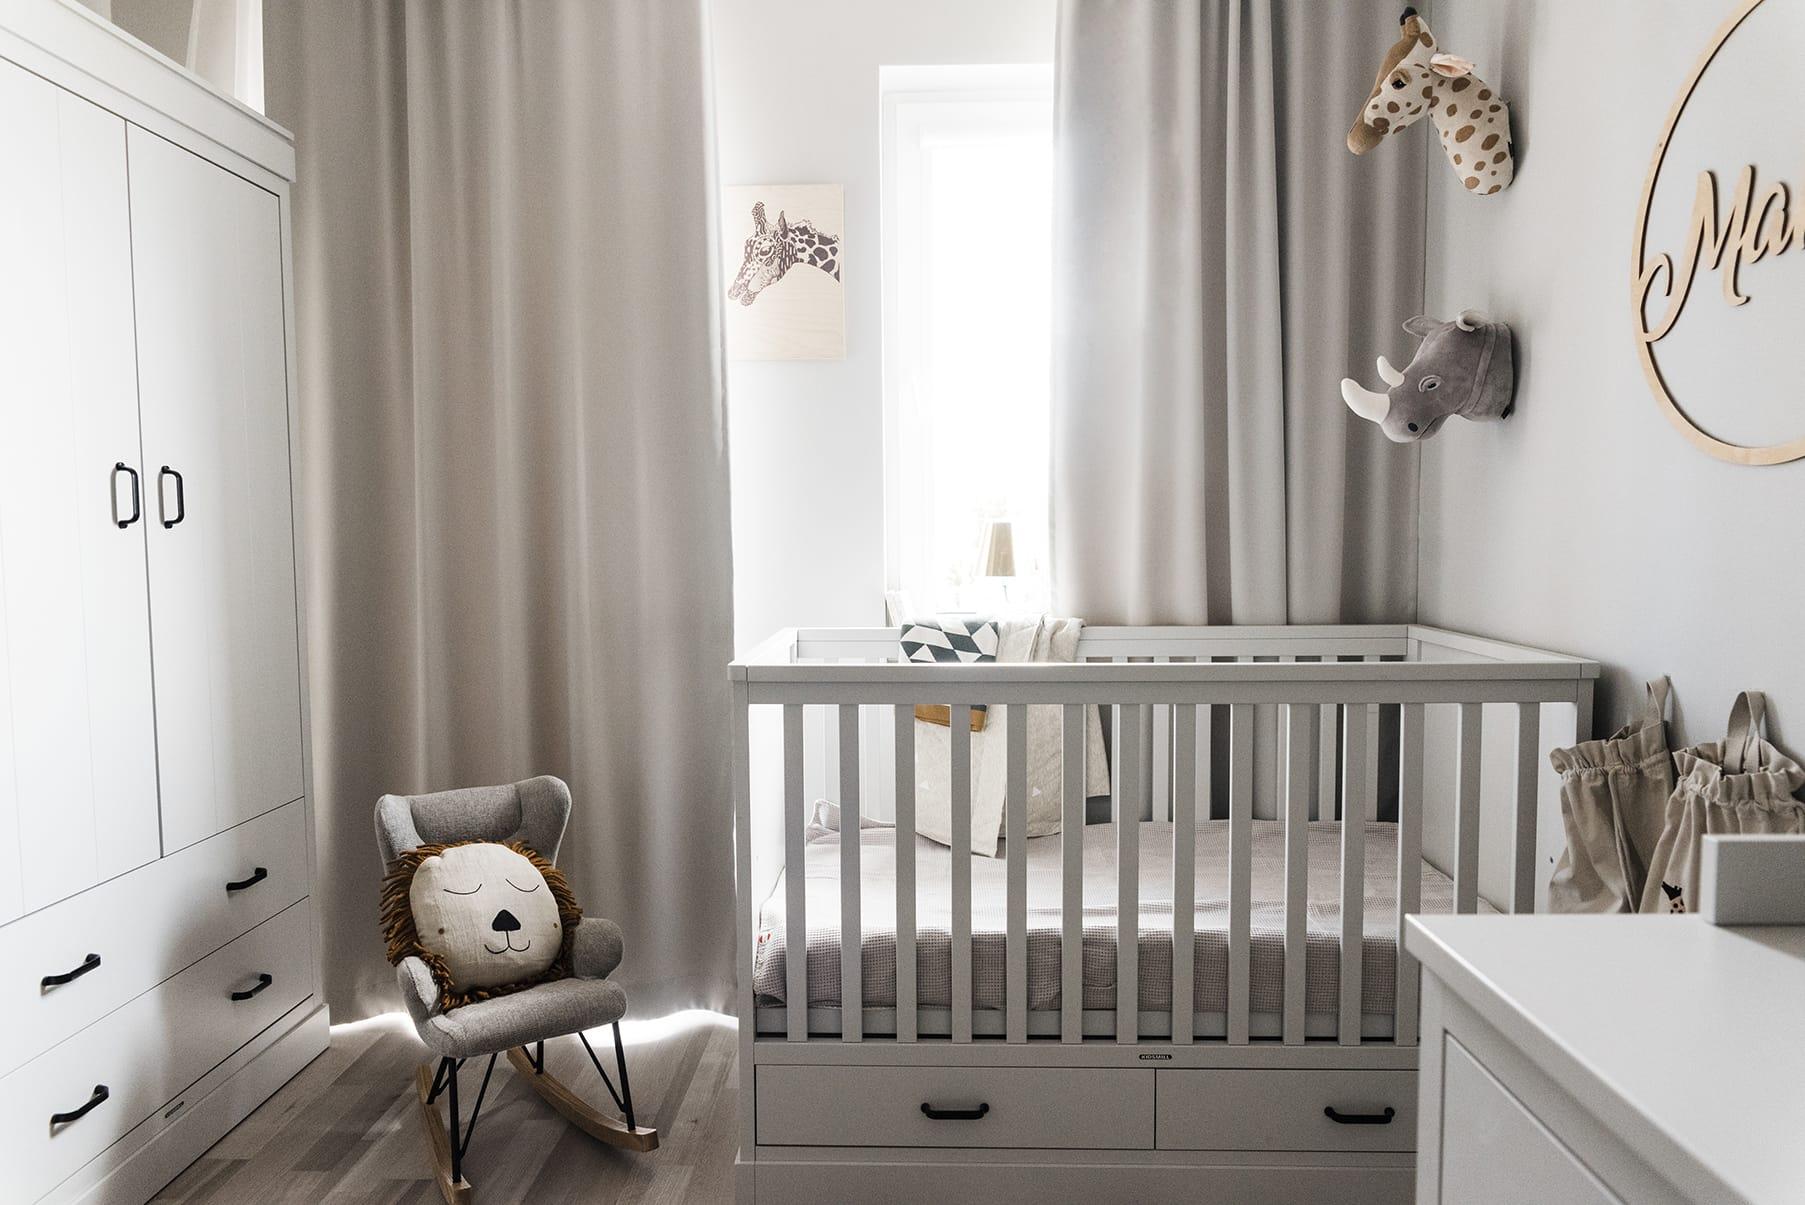 pokoik dla chłopca - jak urządzić pokój dziecka